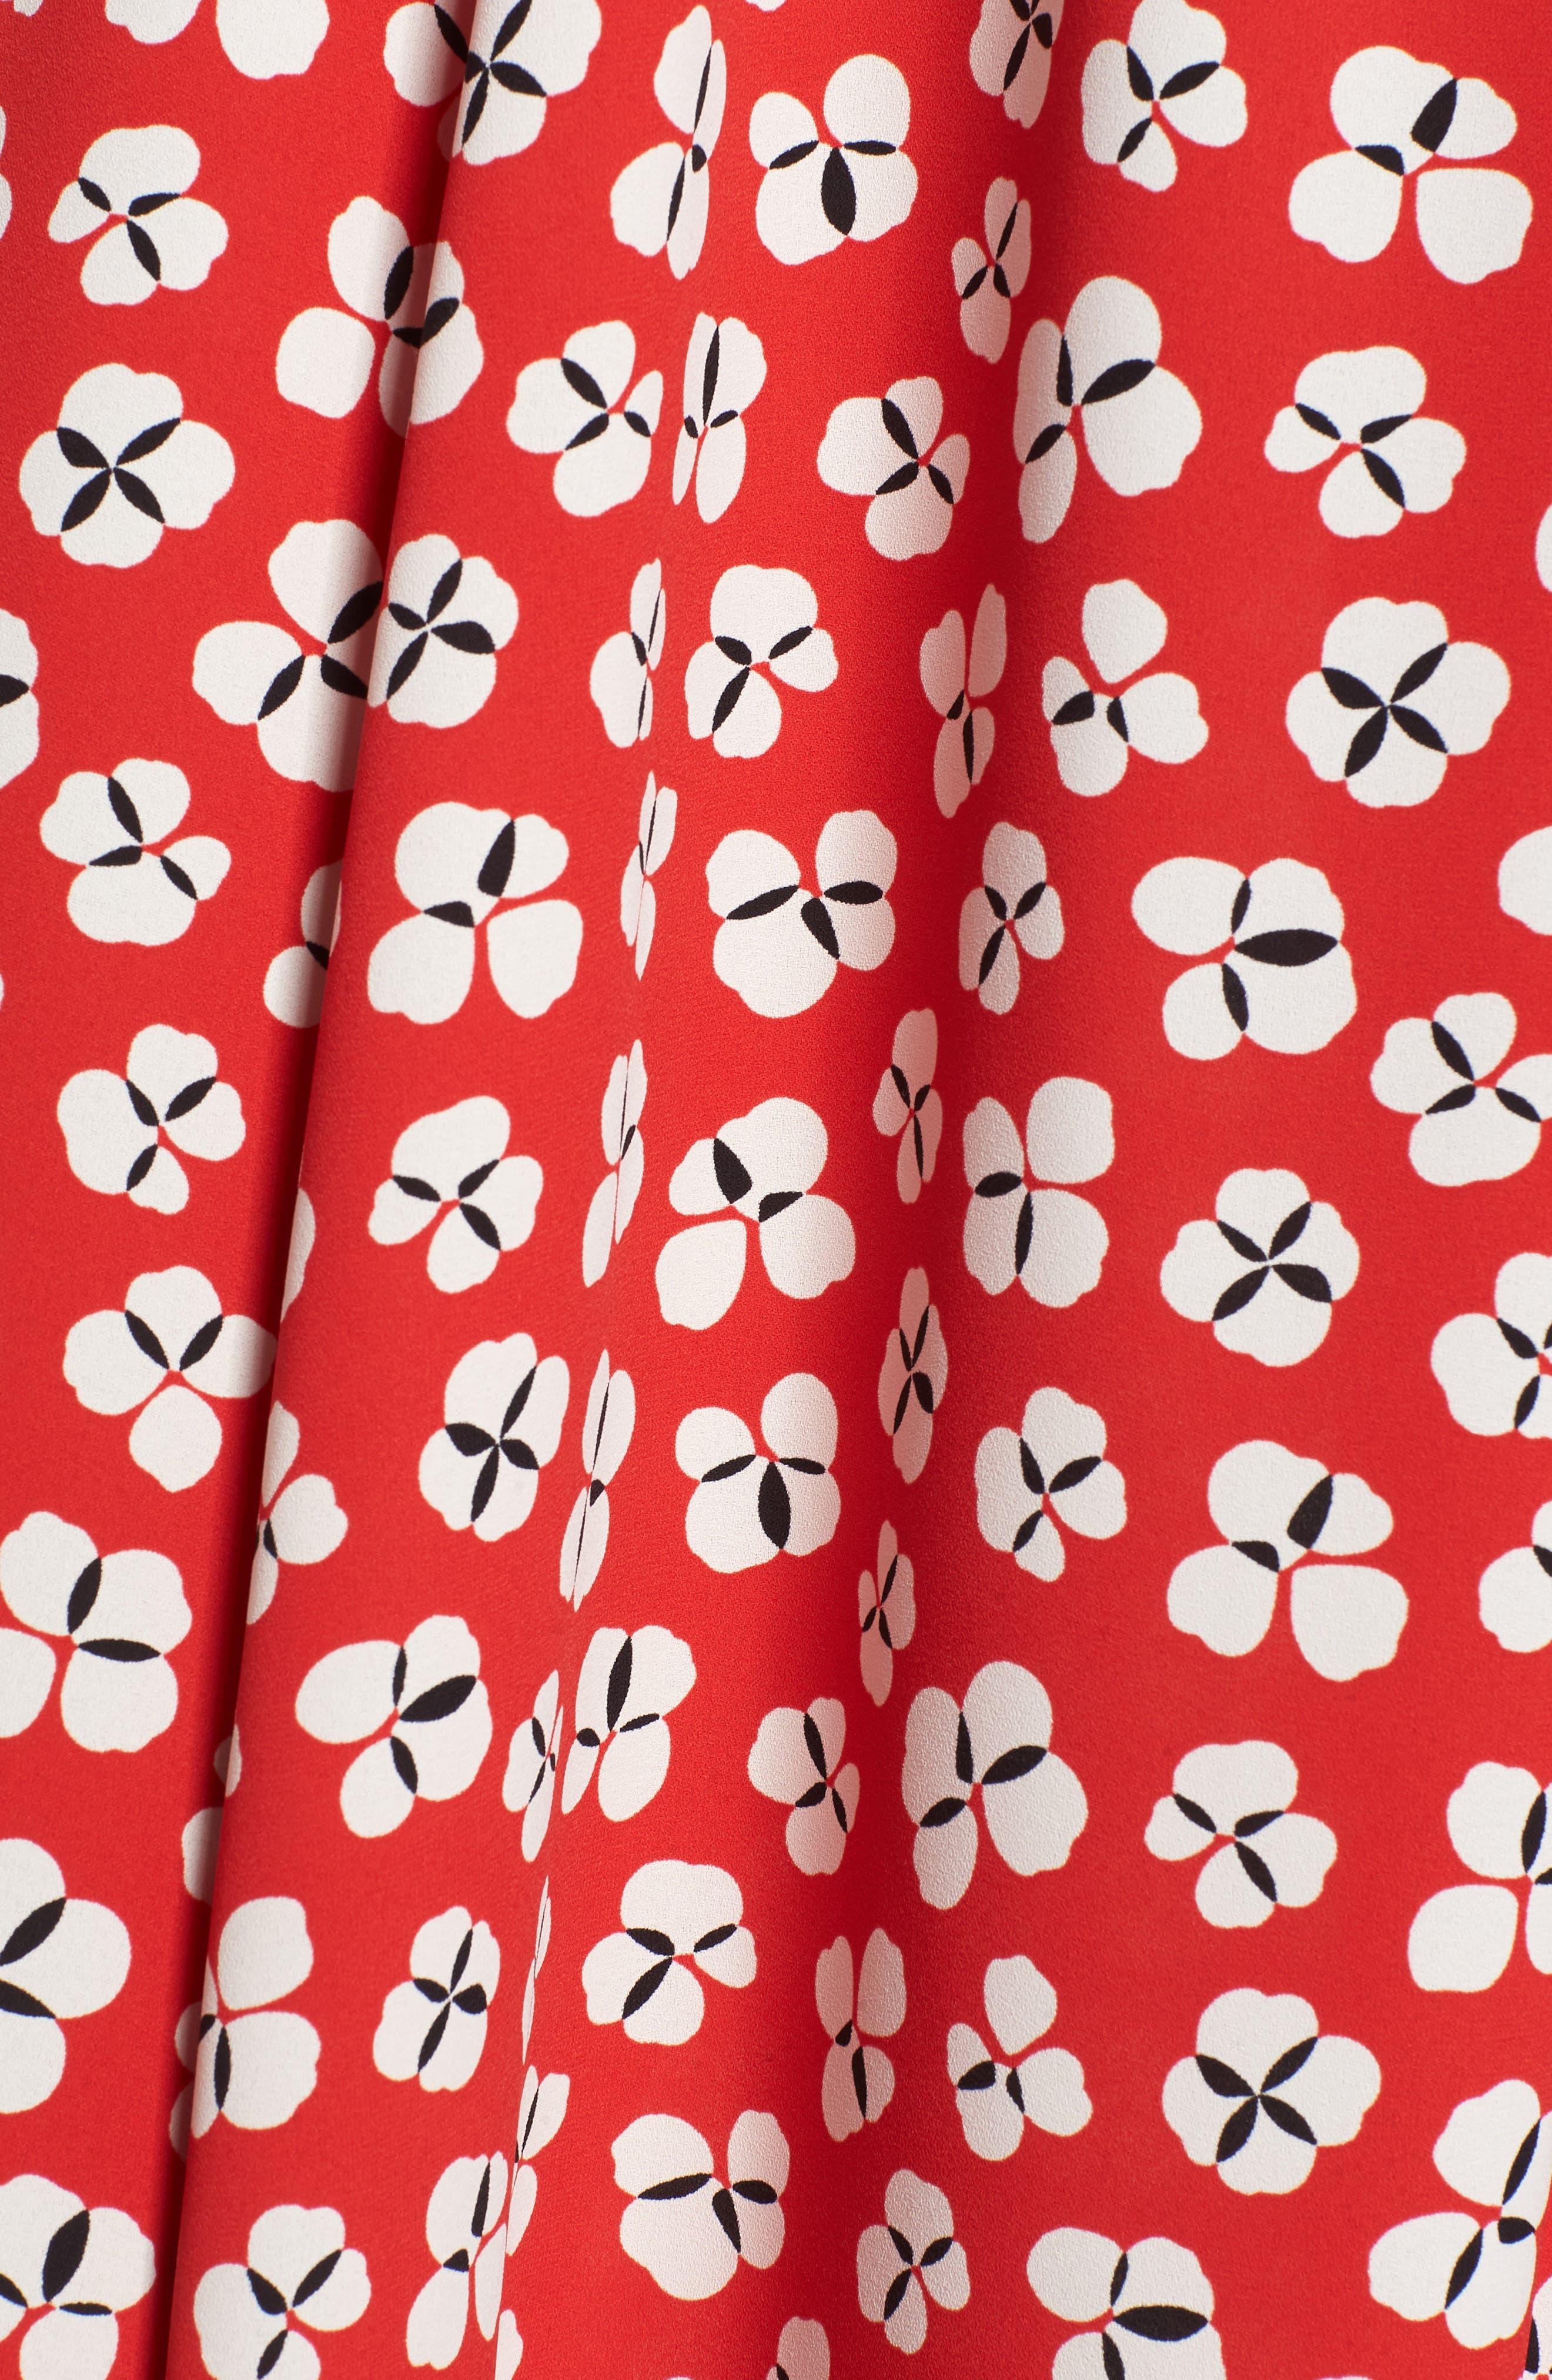 Zuma Petal Drawstring Midi Dress,                             Alternate thumbnail 6, color,                             Tomato/ Parchment Combo